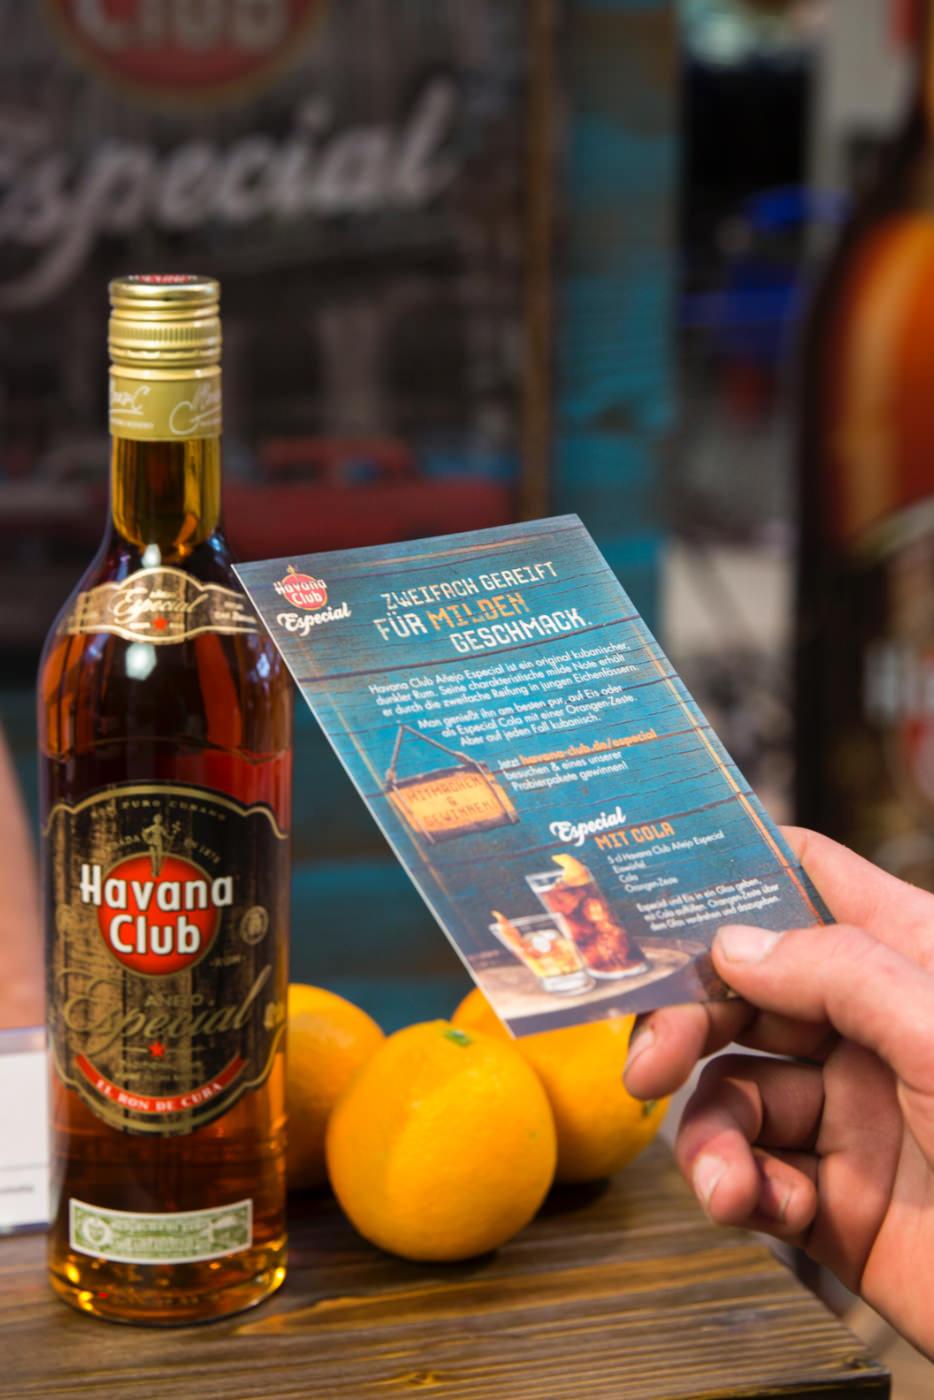 Havana Club Flasche und Flyer